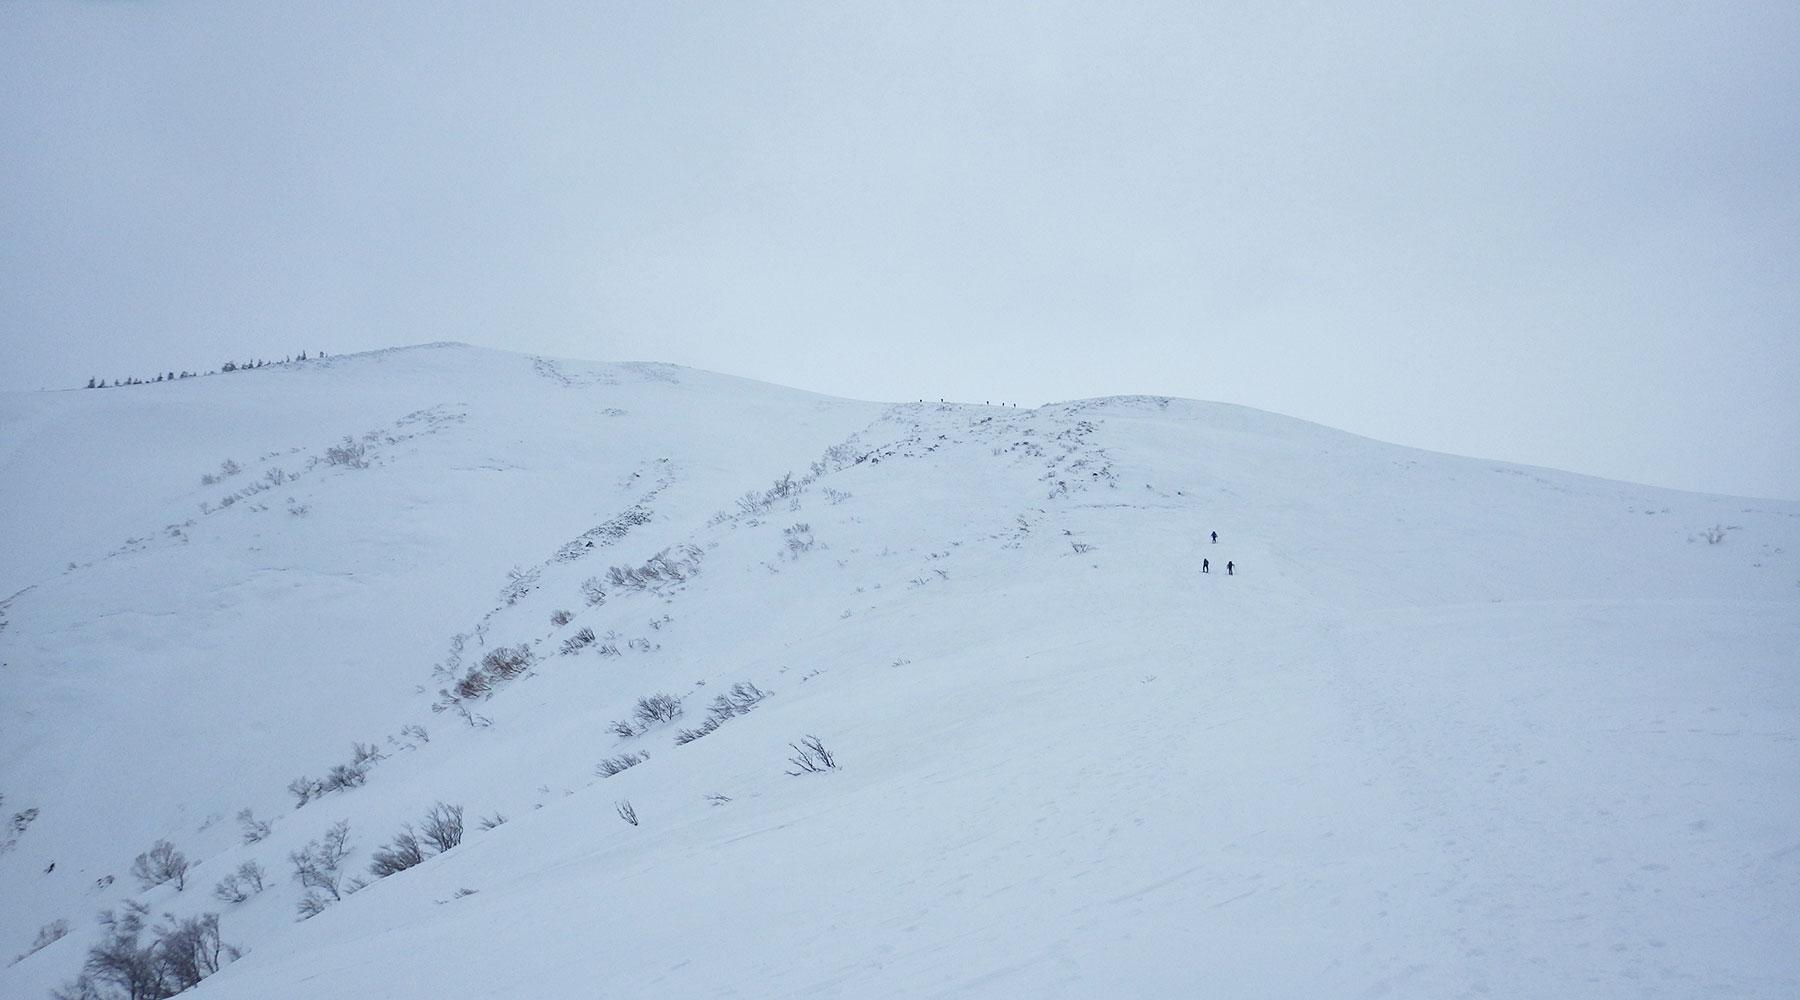 井戸尾根から見たニセ巻機山こと前巻機山